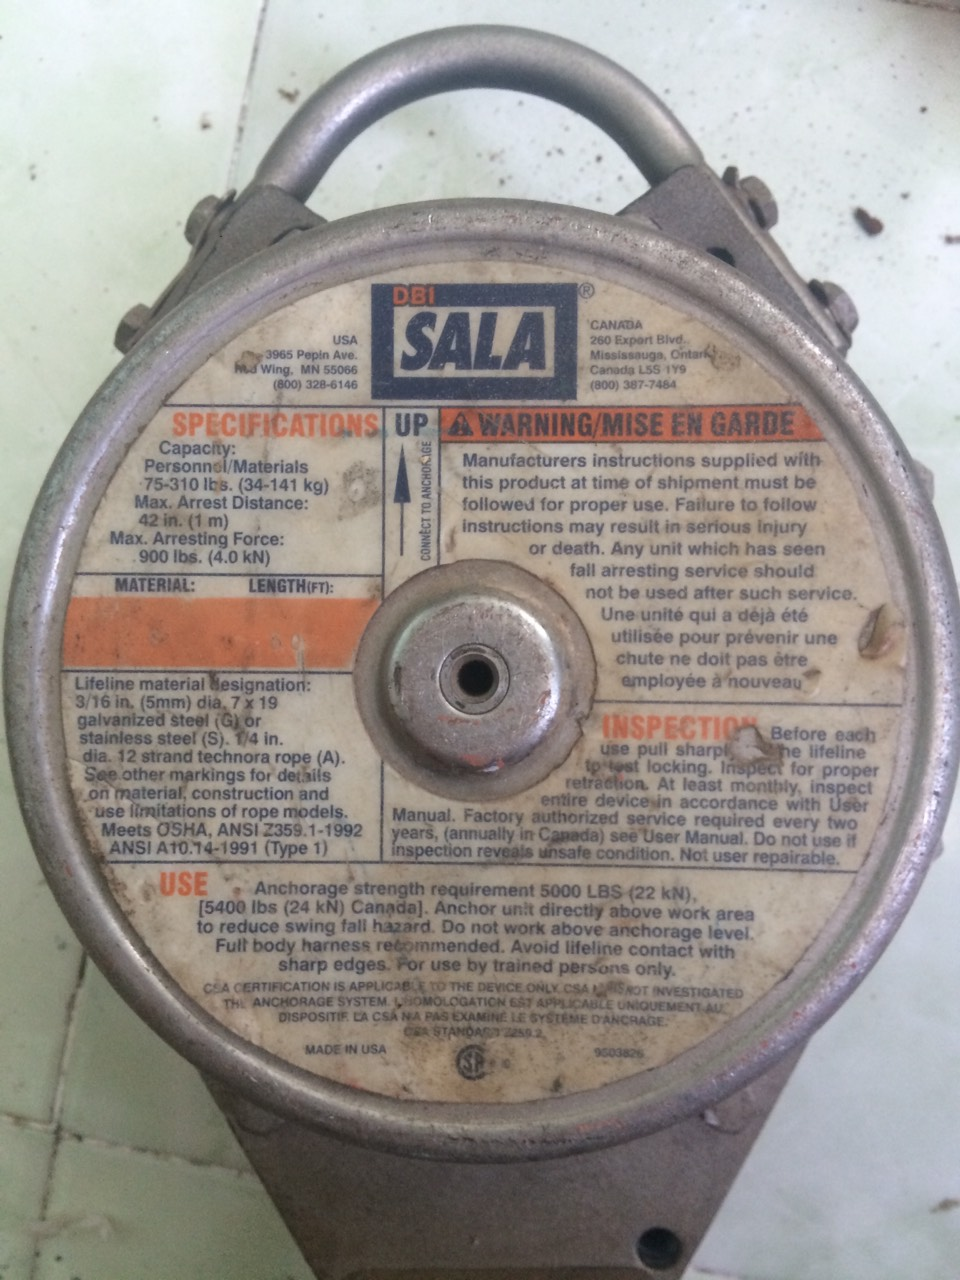 719/5000 Tời cáp tự rút dây an toàn DBI / Sala 3400611 175 Ft